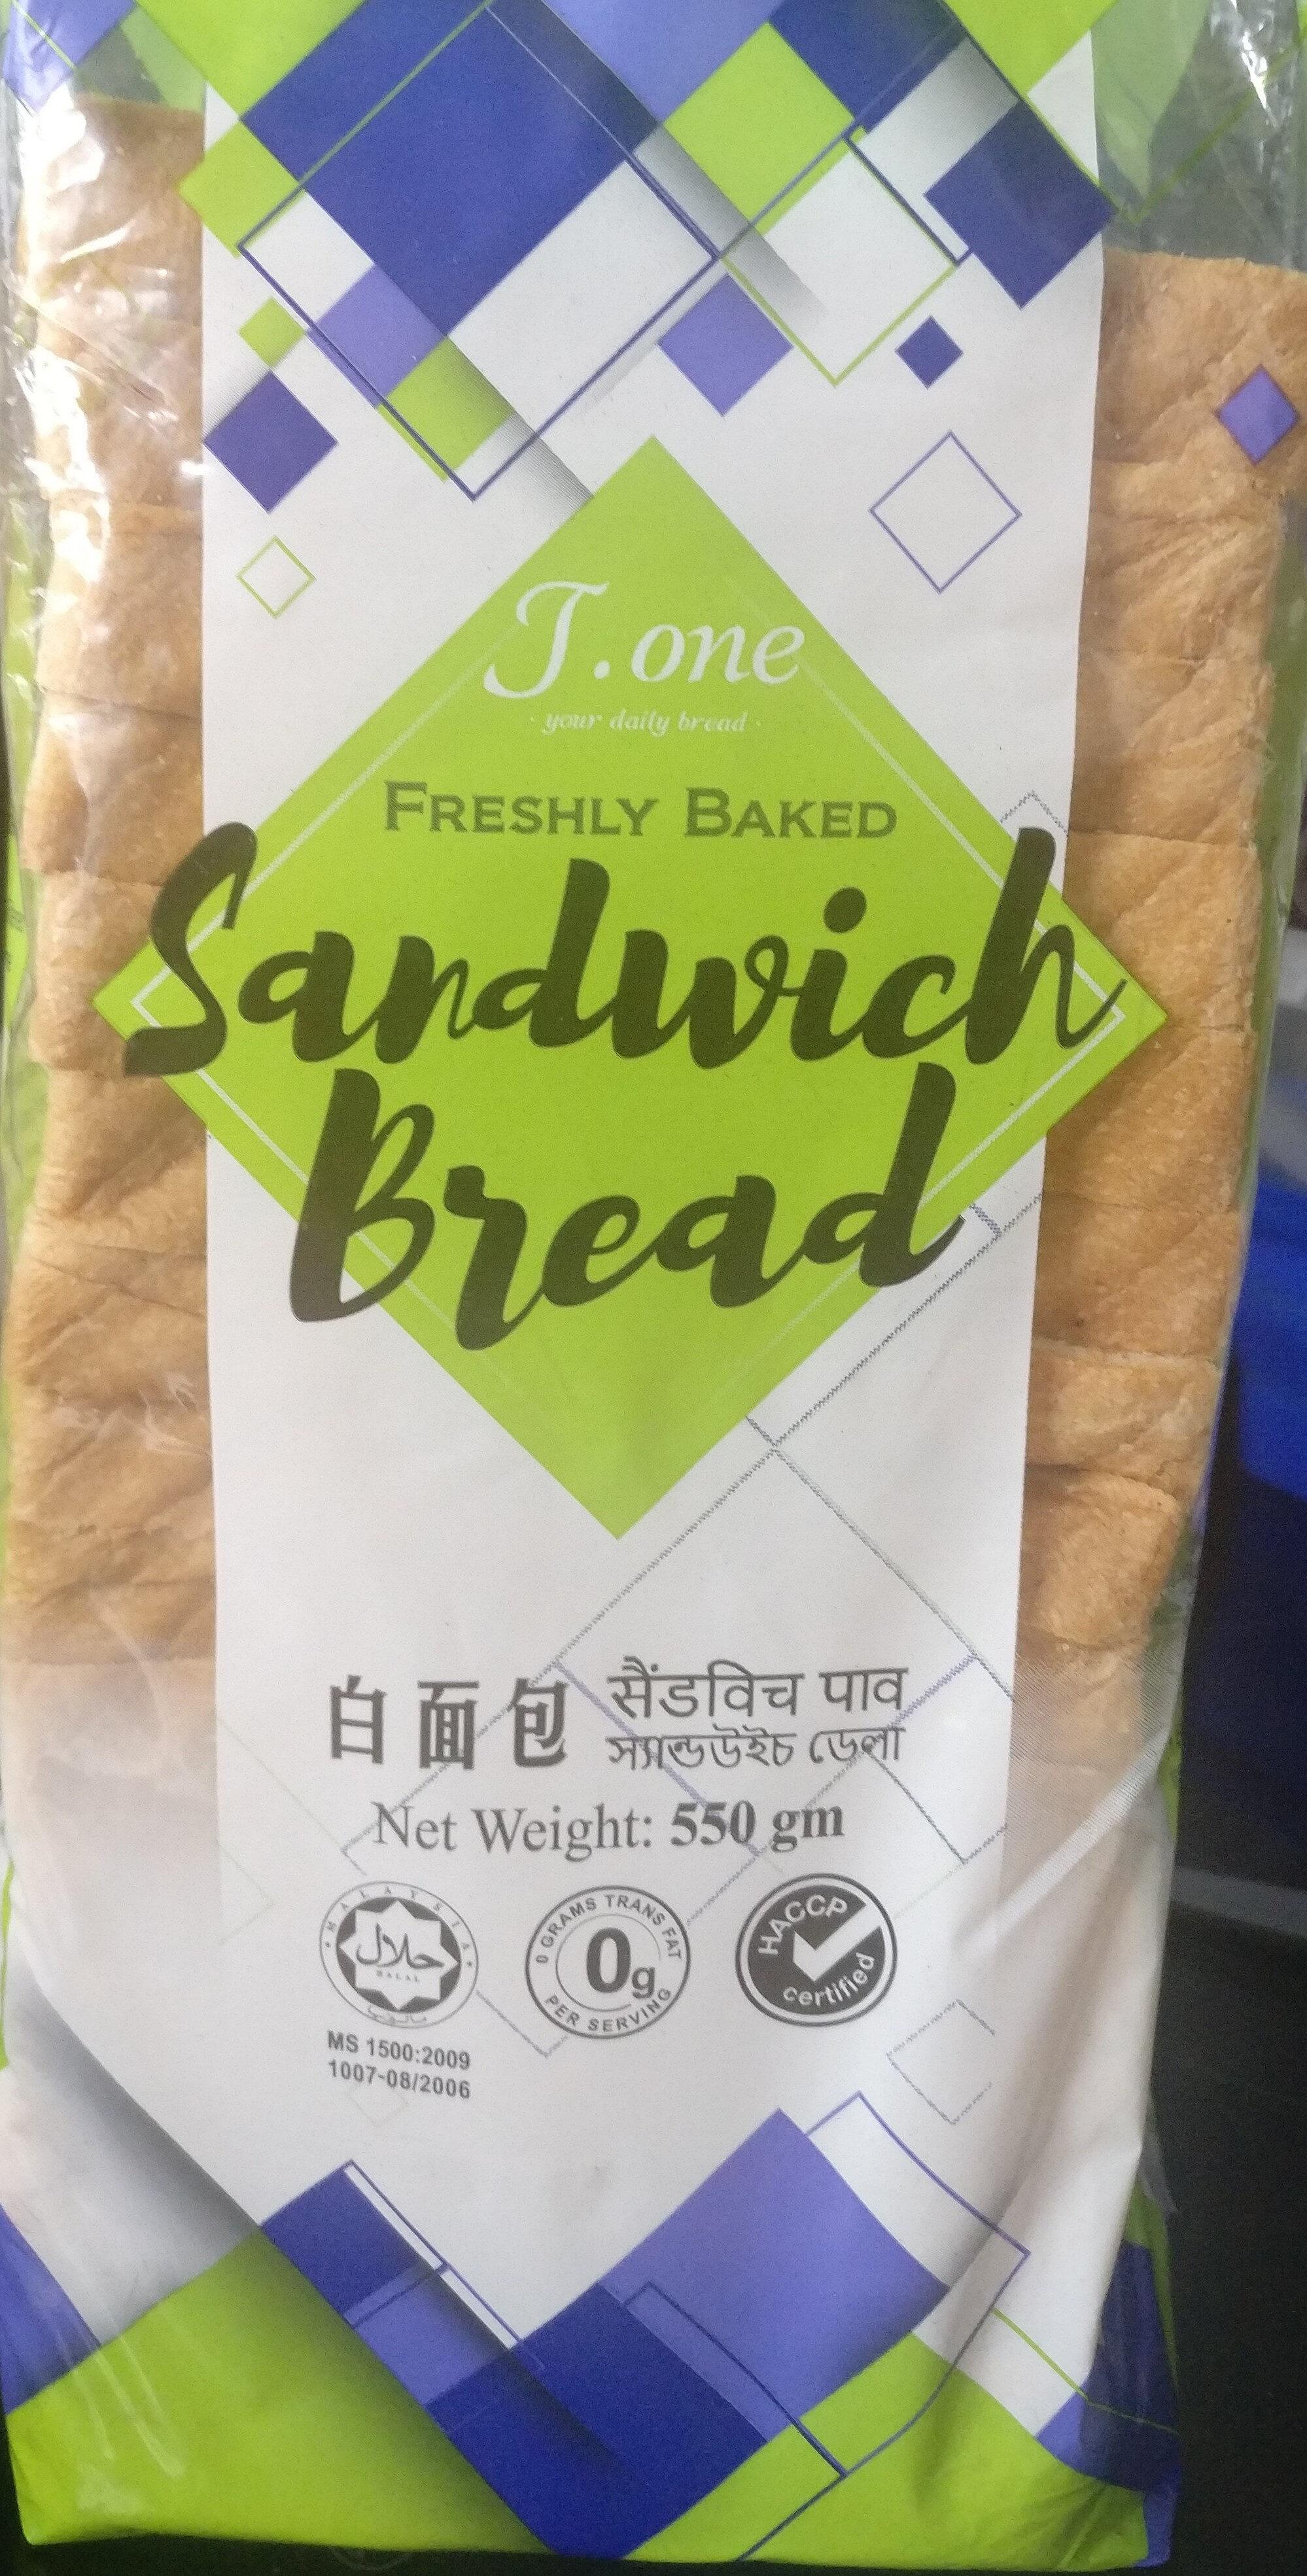 Freshly Baked Sandwich Bread - Produit - en